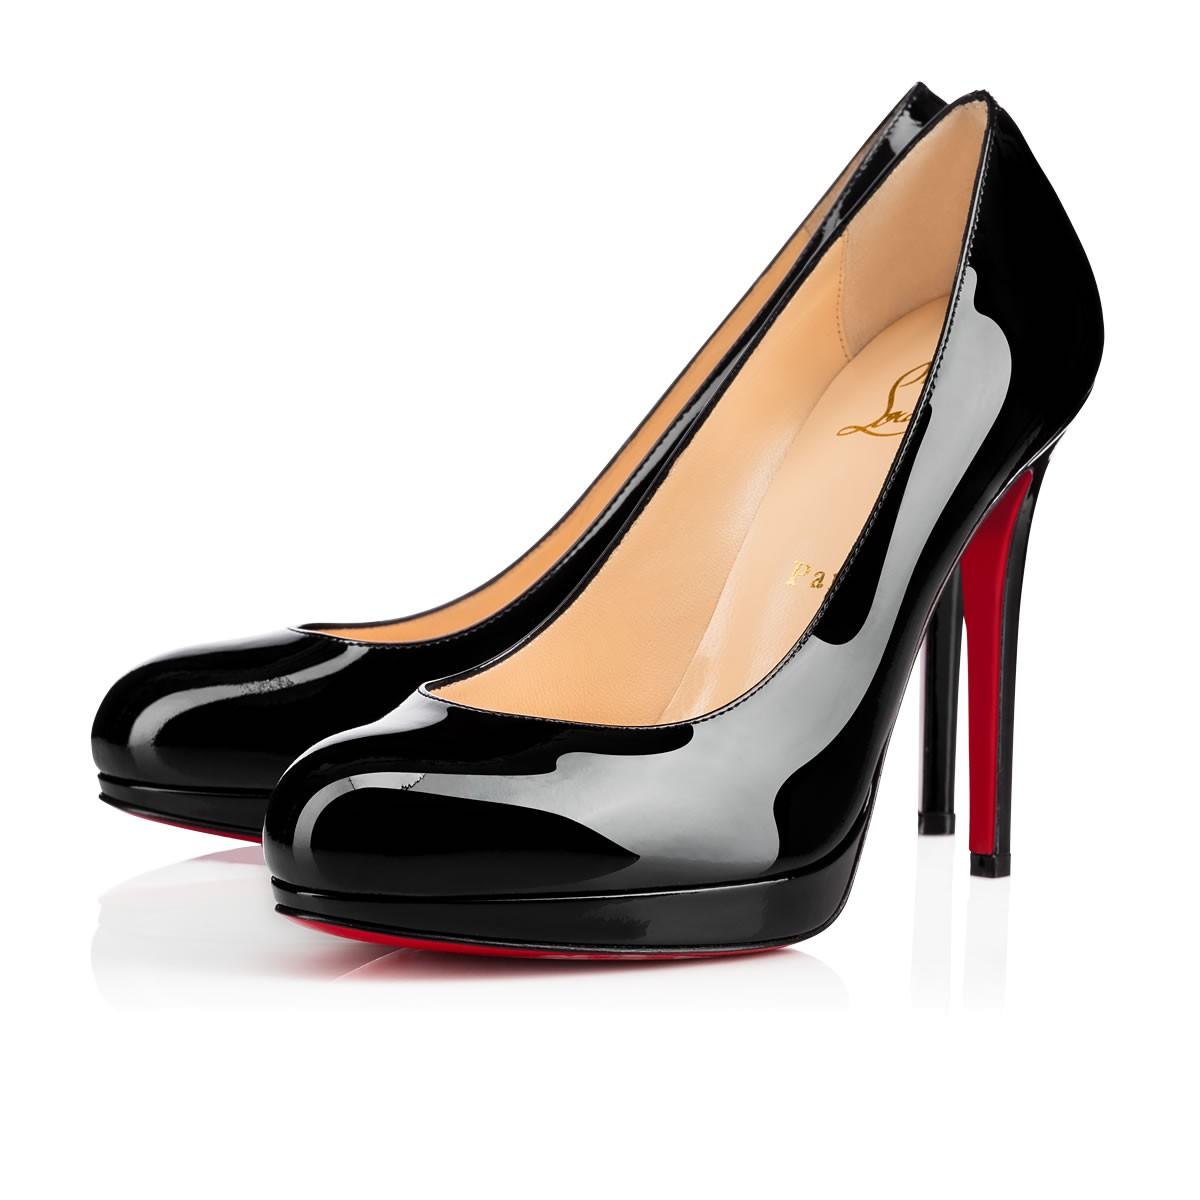 pump shoes shoes - new simple pump - christian louboutin ... kxcwewh